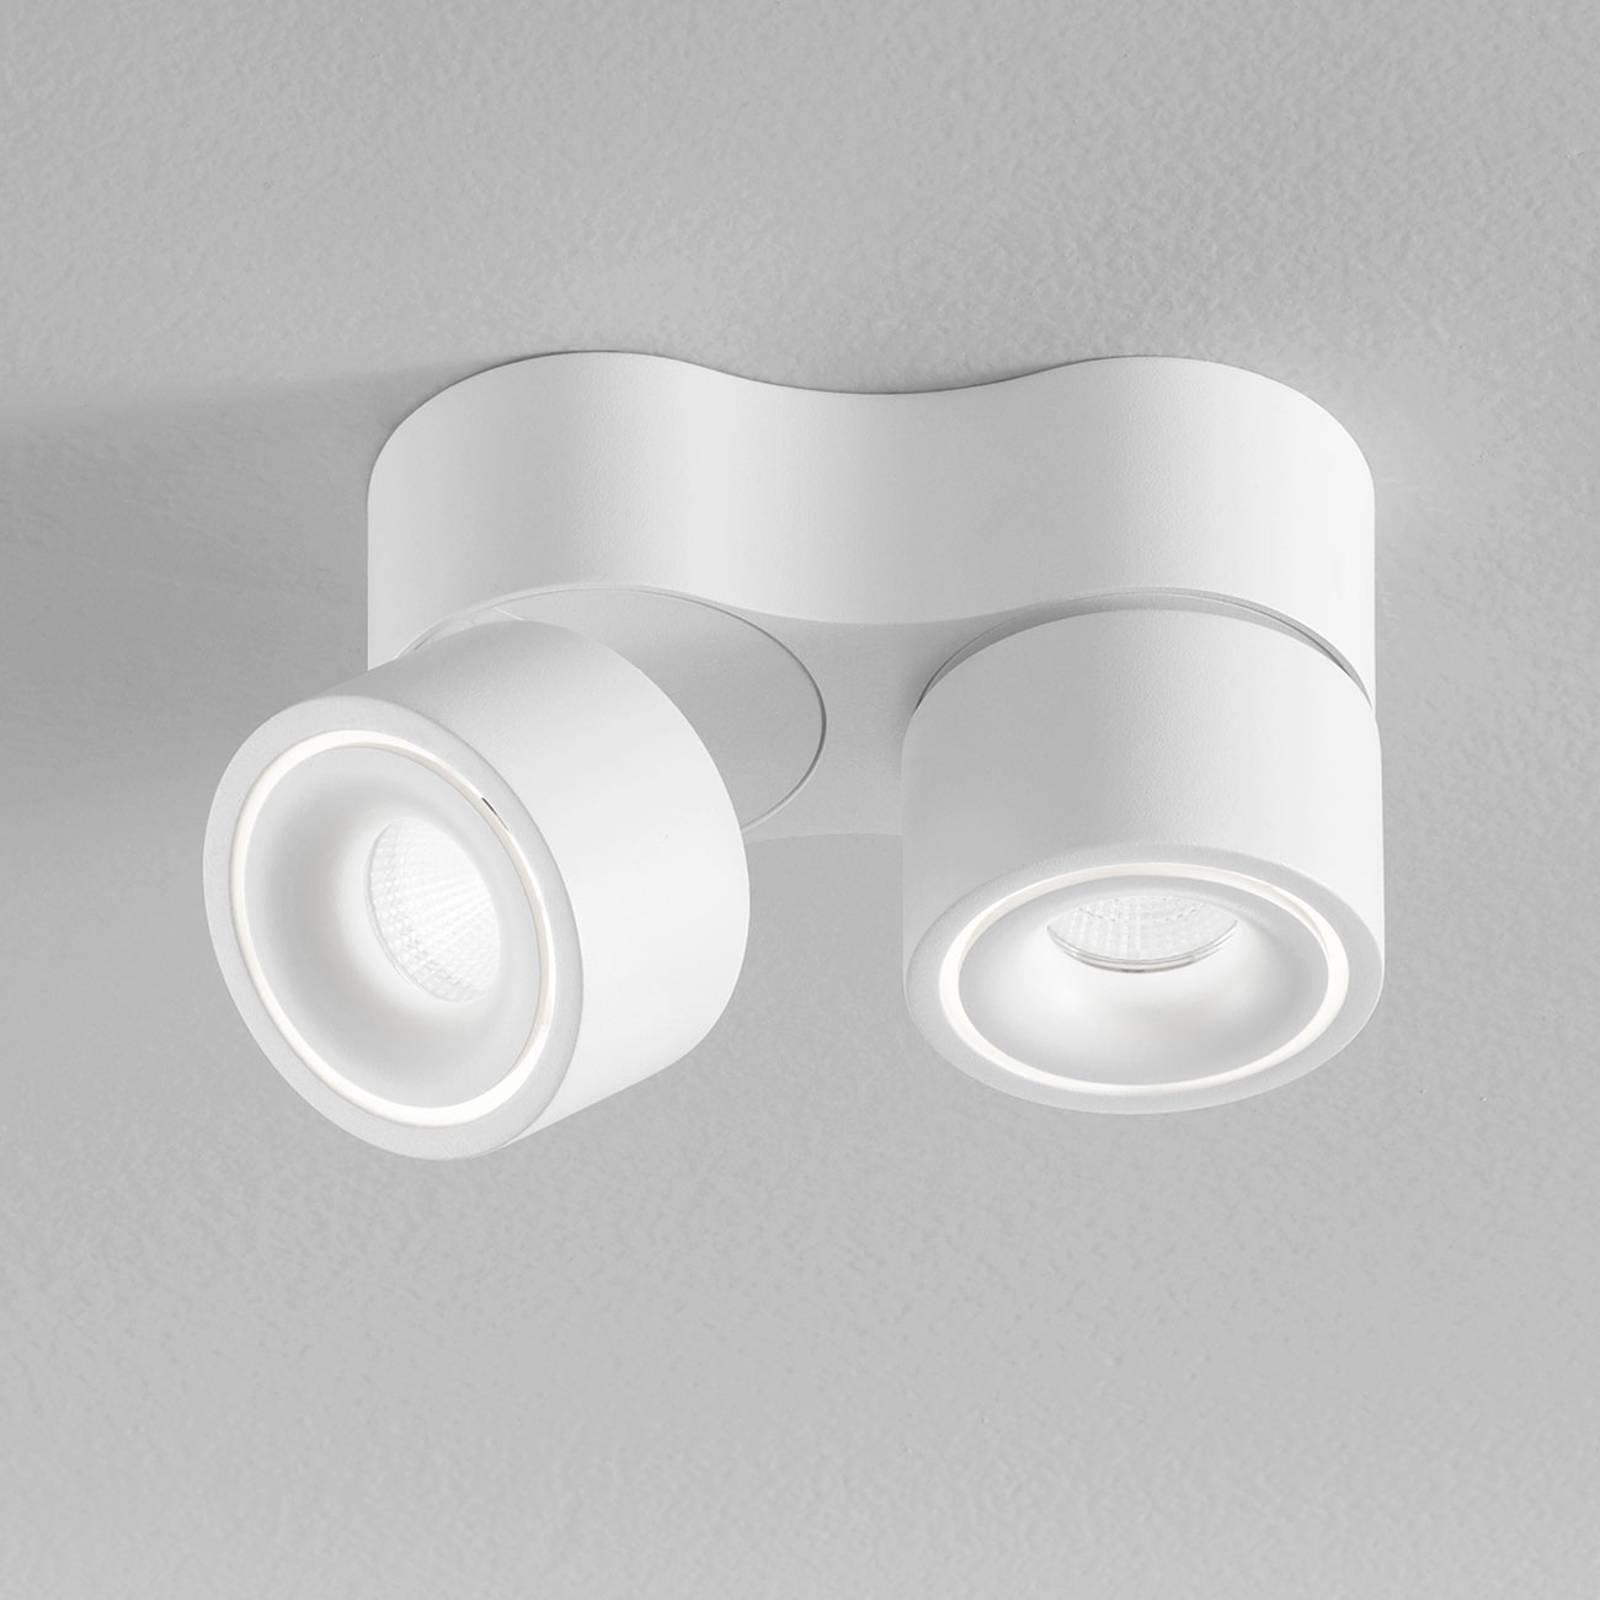 Egger Clippo S Duo LED-takspot, hvit, 3 000 K